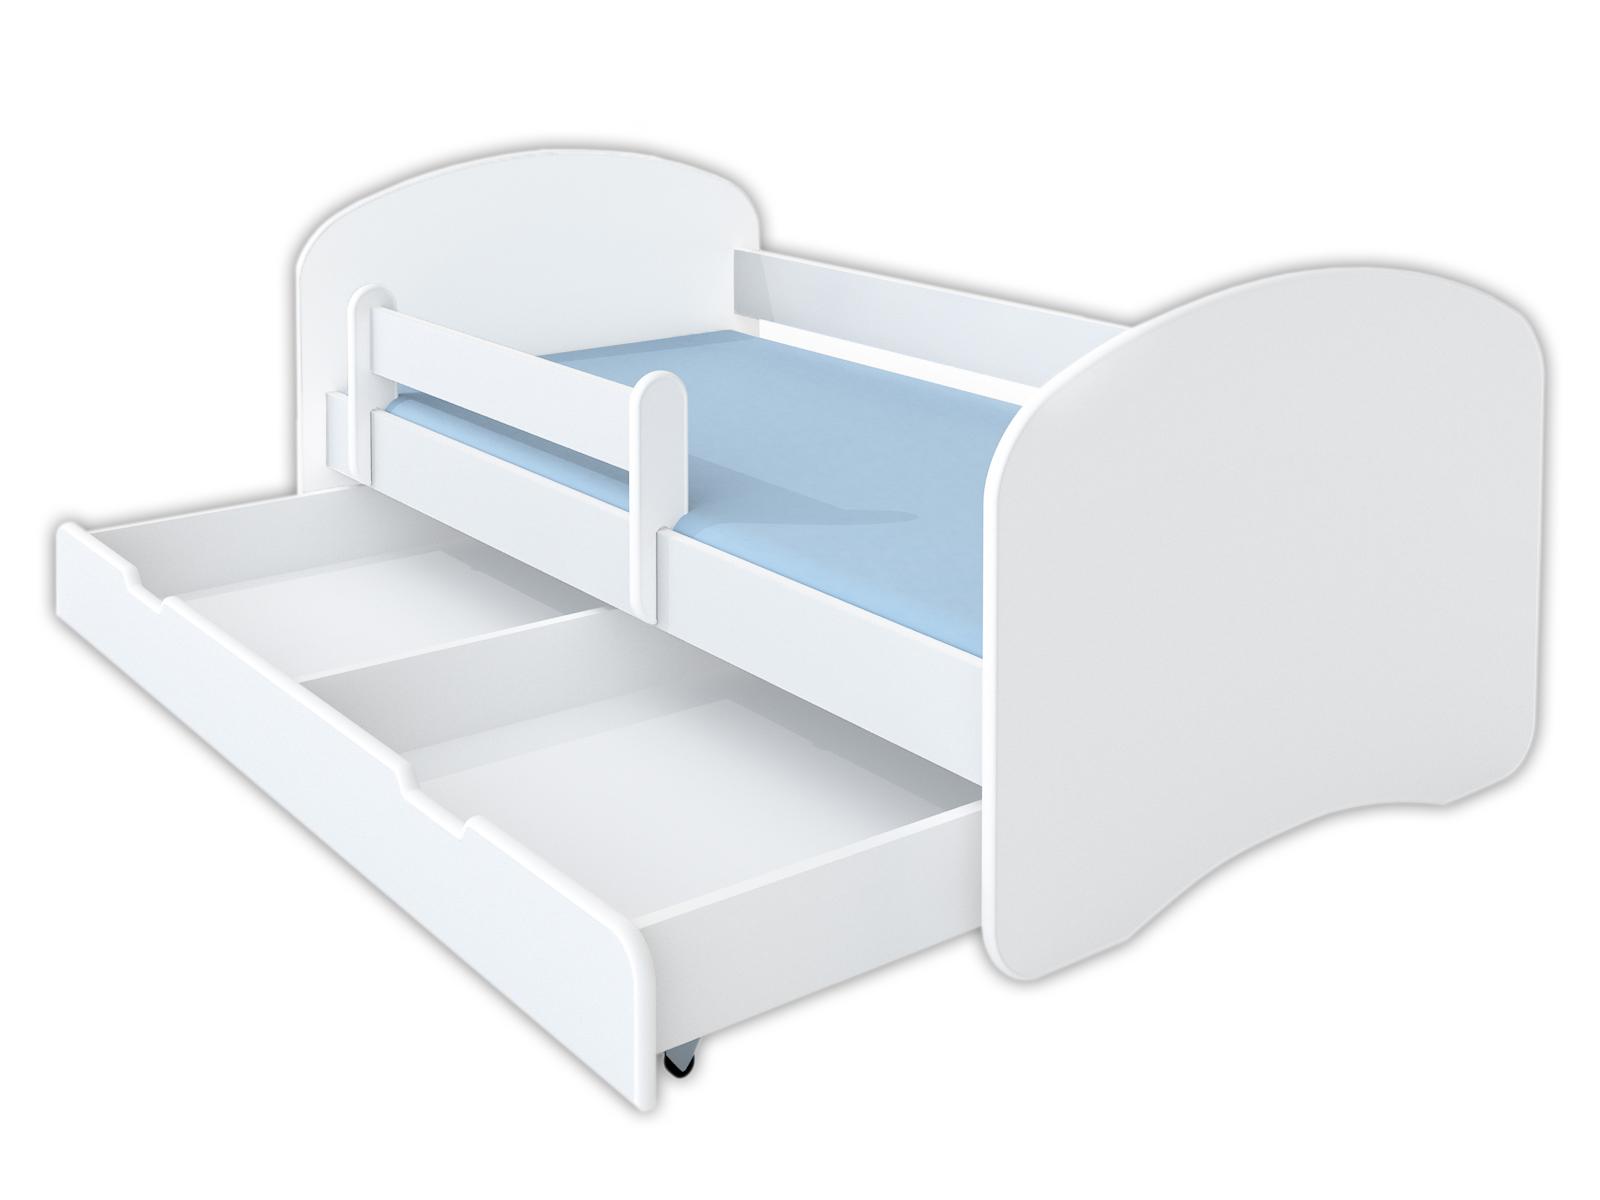 Łóżko dziecięce 180x90 białe - szuflada i materac